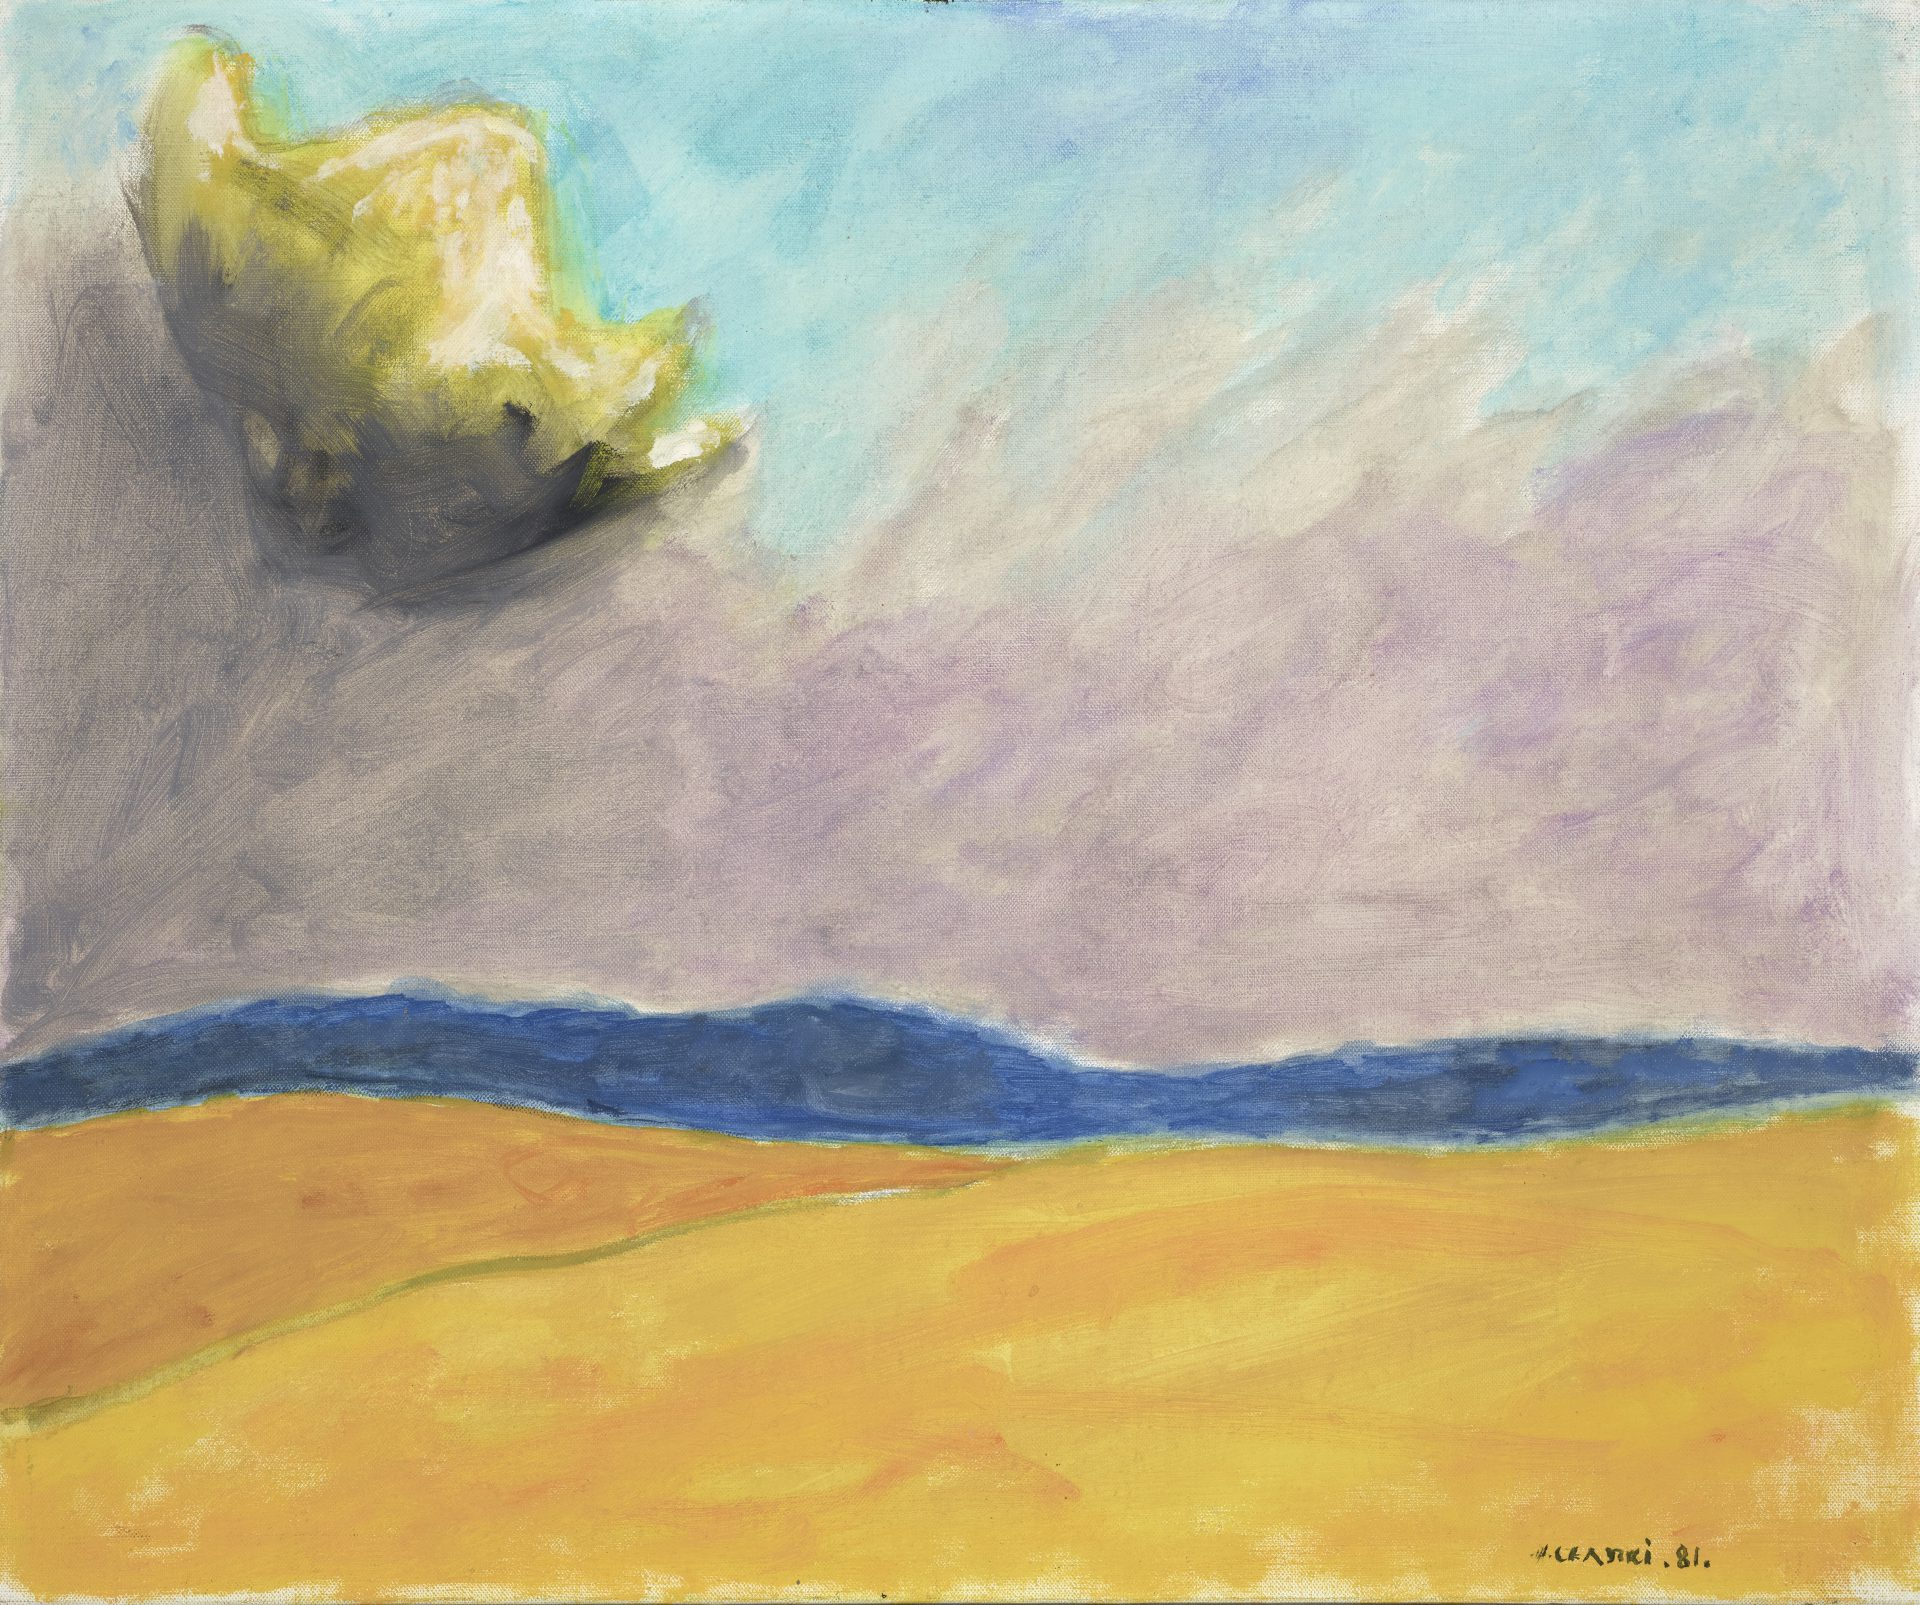 Obraz przedstawiający widok krajobrazu bez punktów charakterystycznych nad którym unosi się tytułowa chmura. Józef Czapski, Nuage èclatè [Lśniąca chmura], 1981, technika olejna, 54 cm x 65 cm